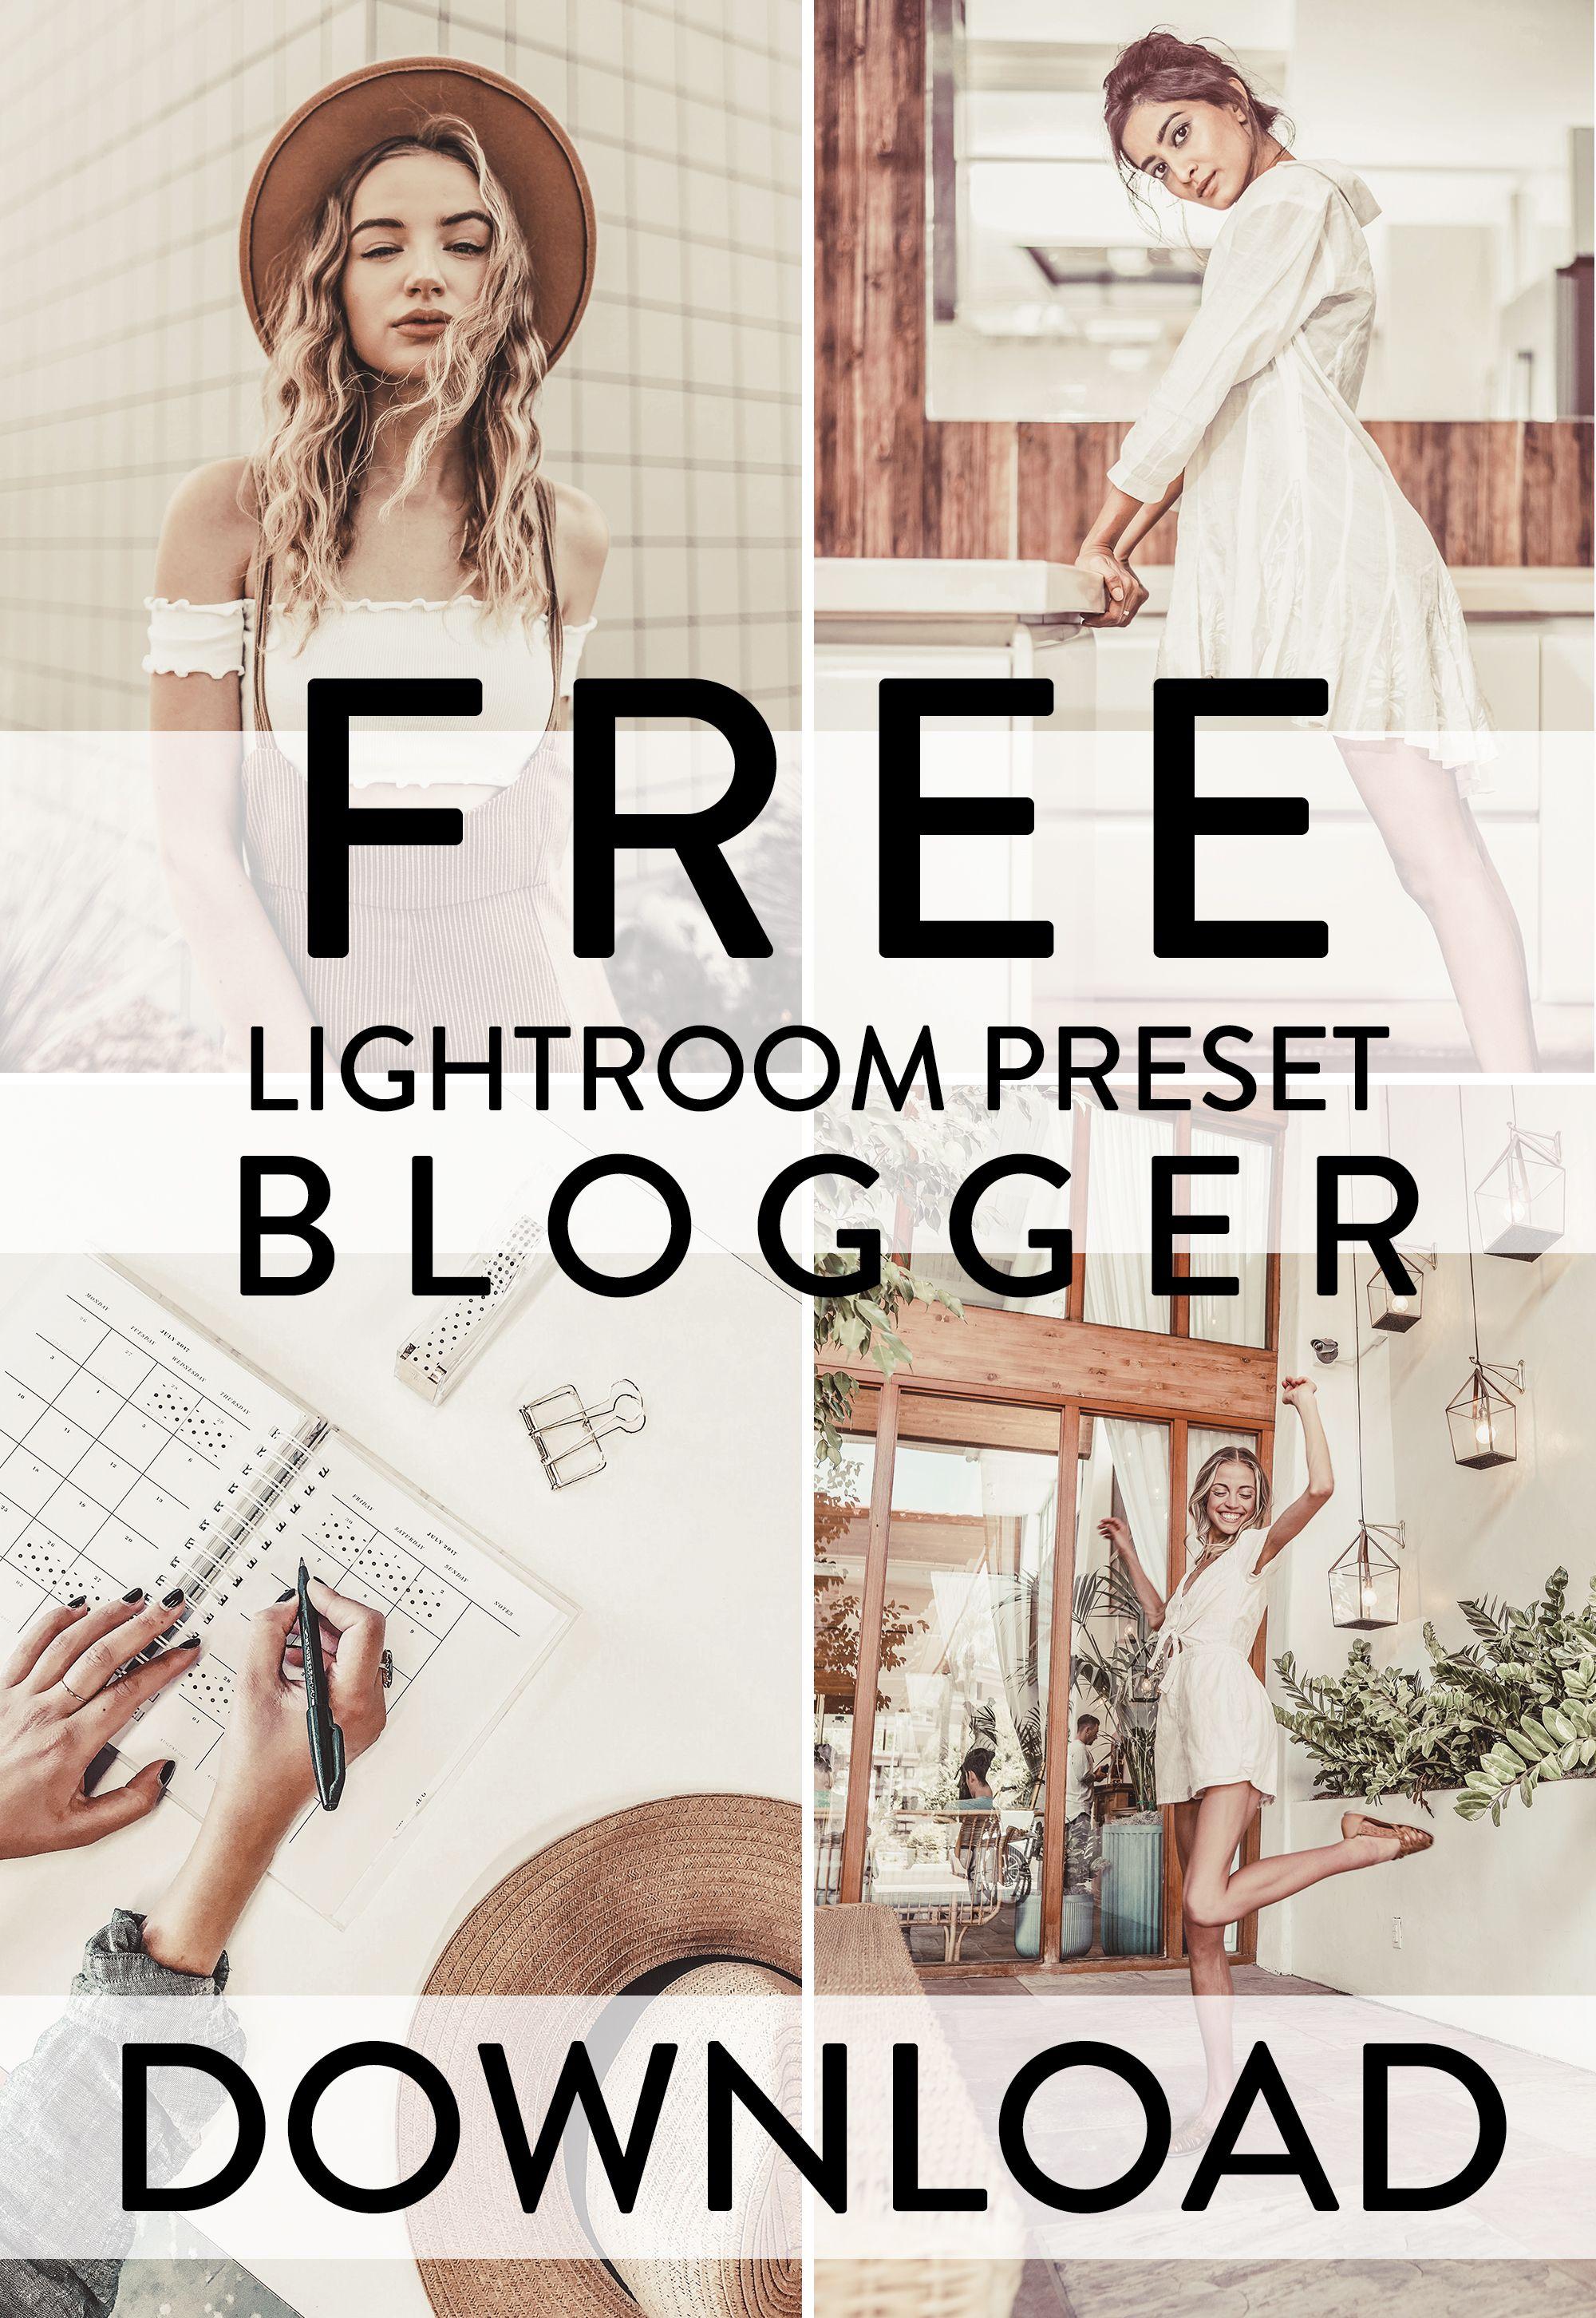 Free Lightroom Preset BLOGGER download